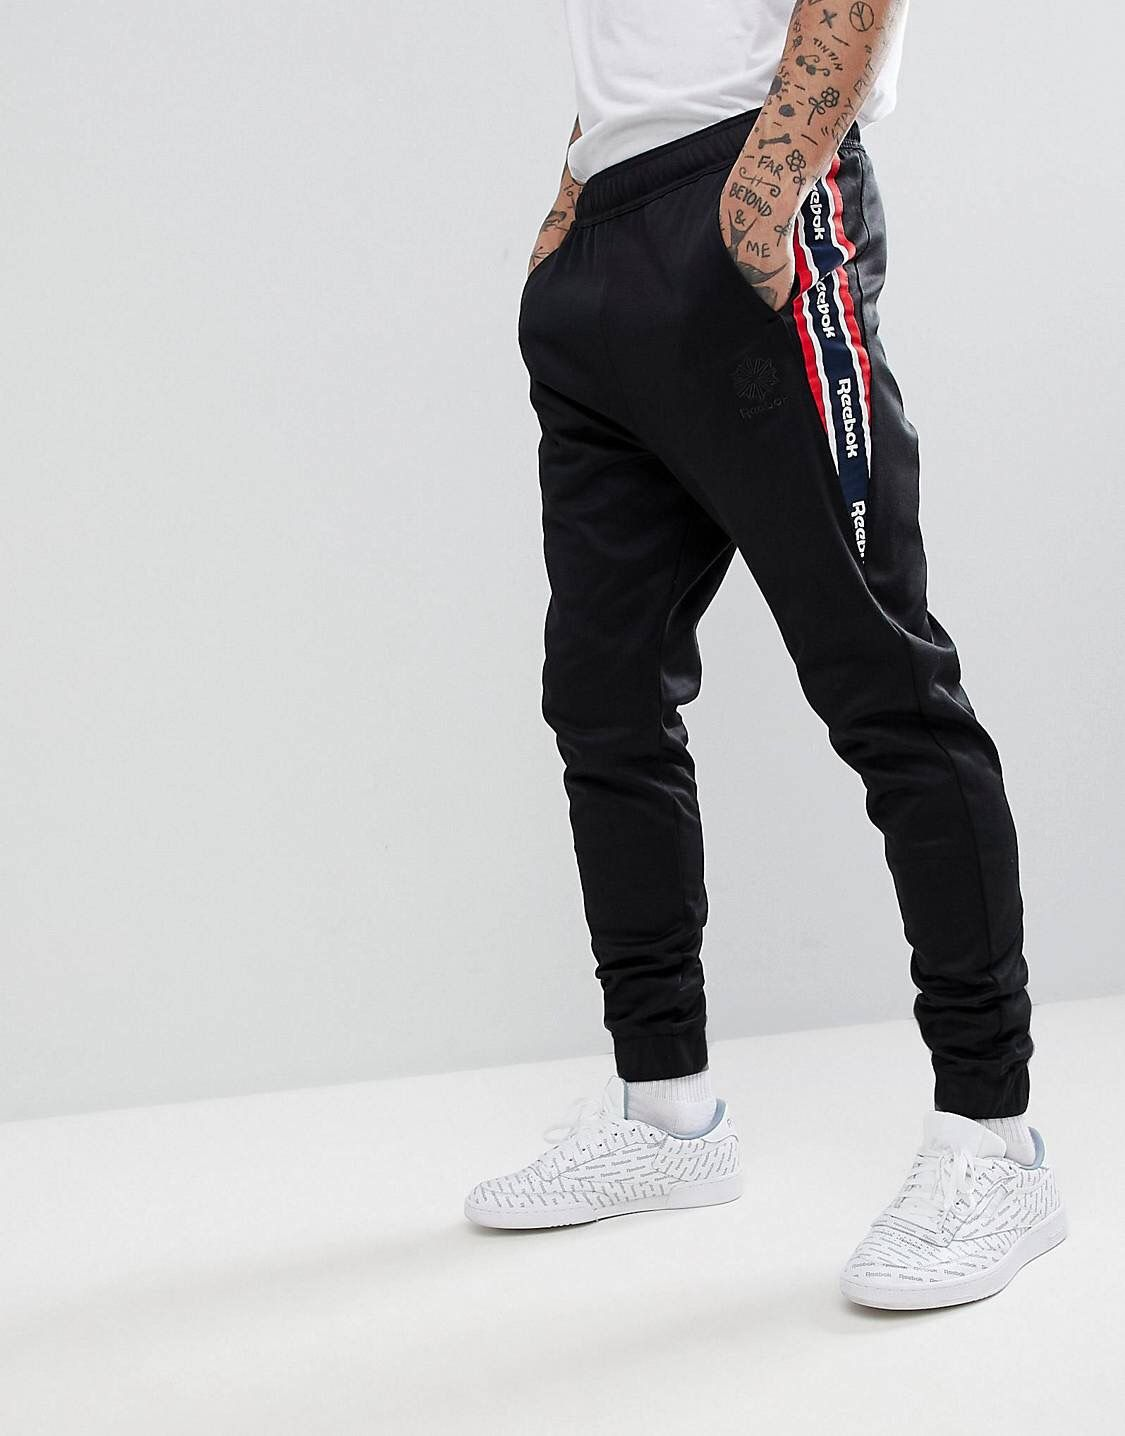 402ebba08c26 Reebok Pants | men's fashion in 2019 | Mens fashion, Fashion, Reebok ...